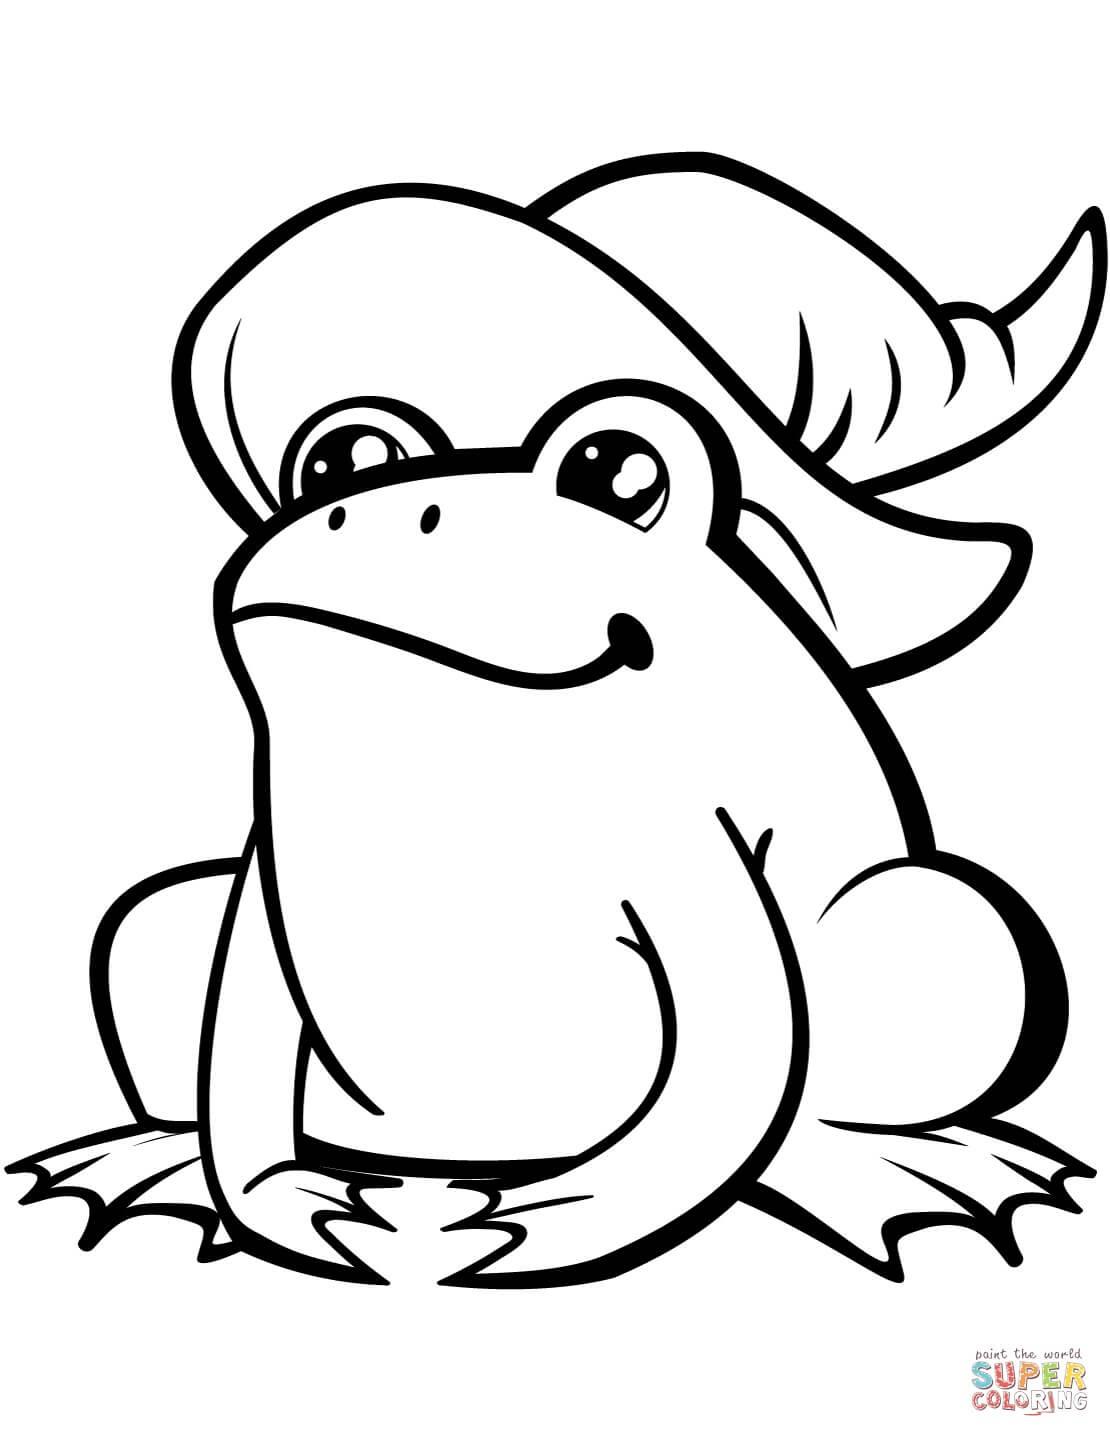 צפרדע עם כובע לצביעה